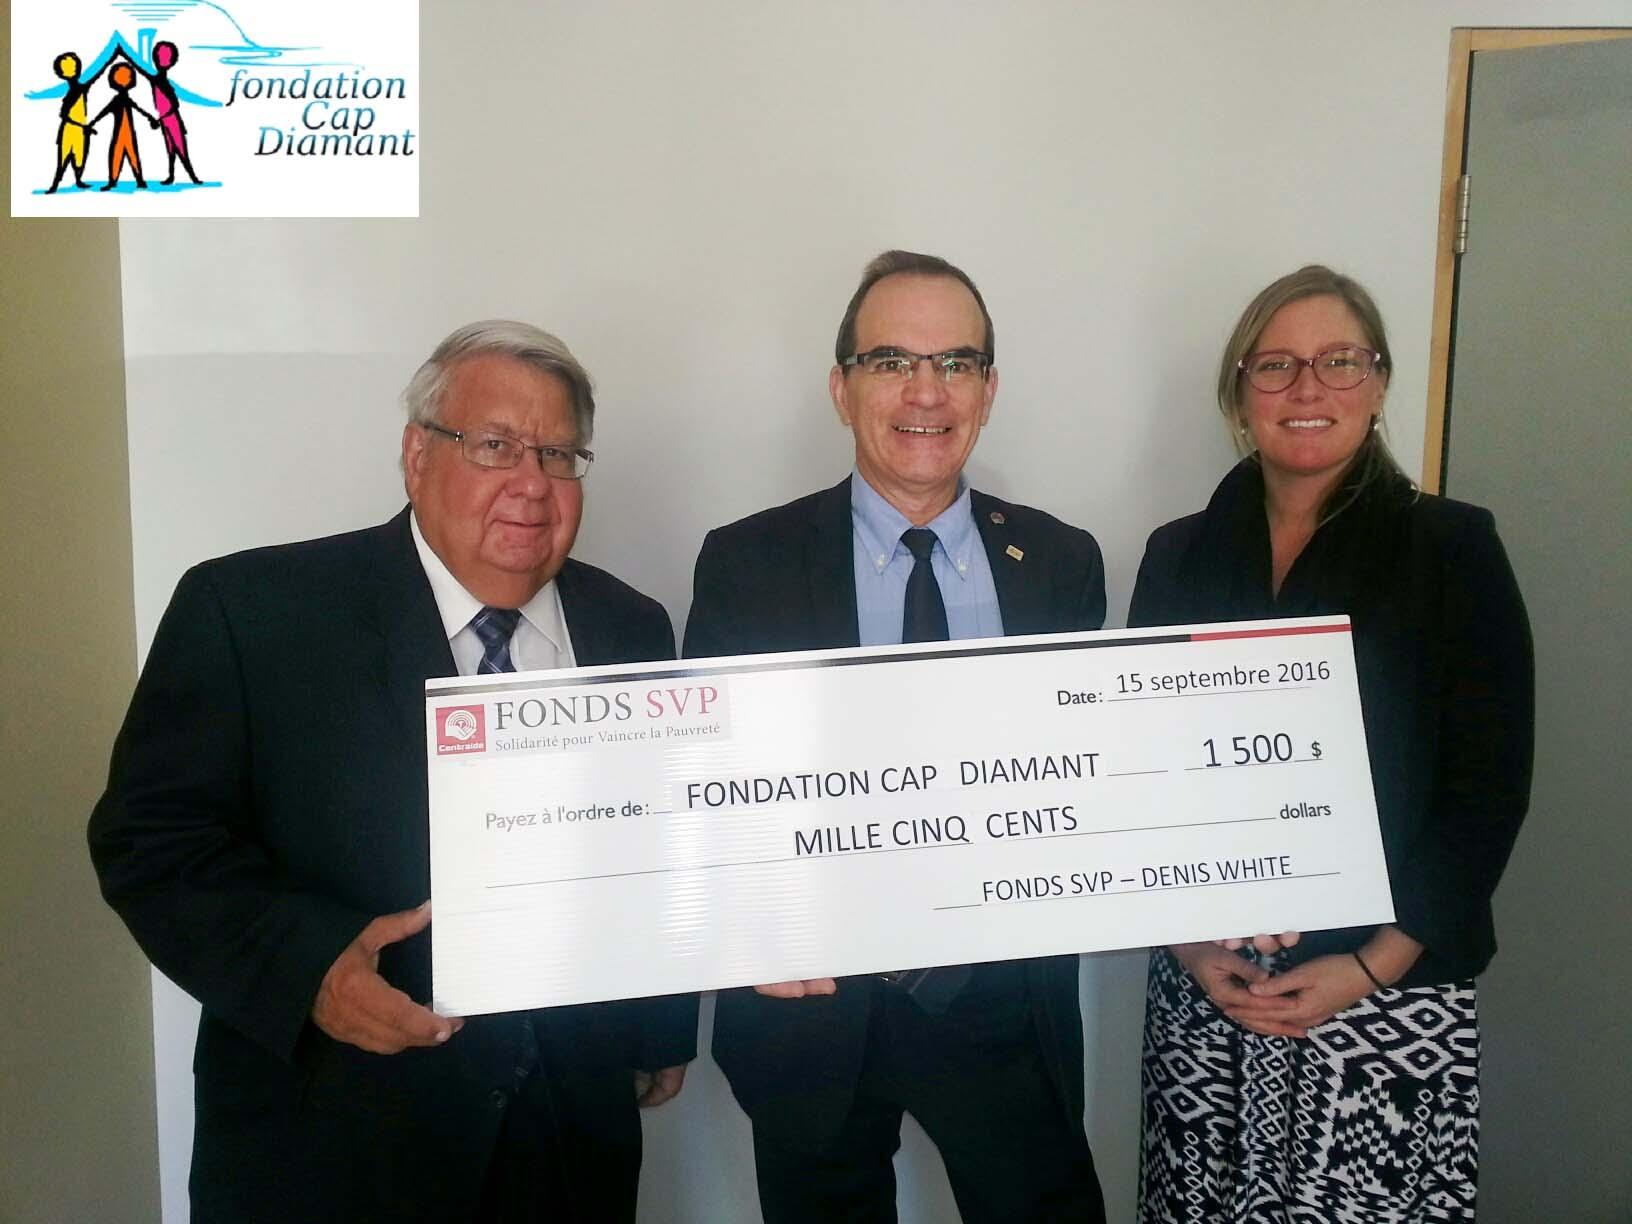 don-fondation-cap-diamant-15-septembre-2016